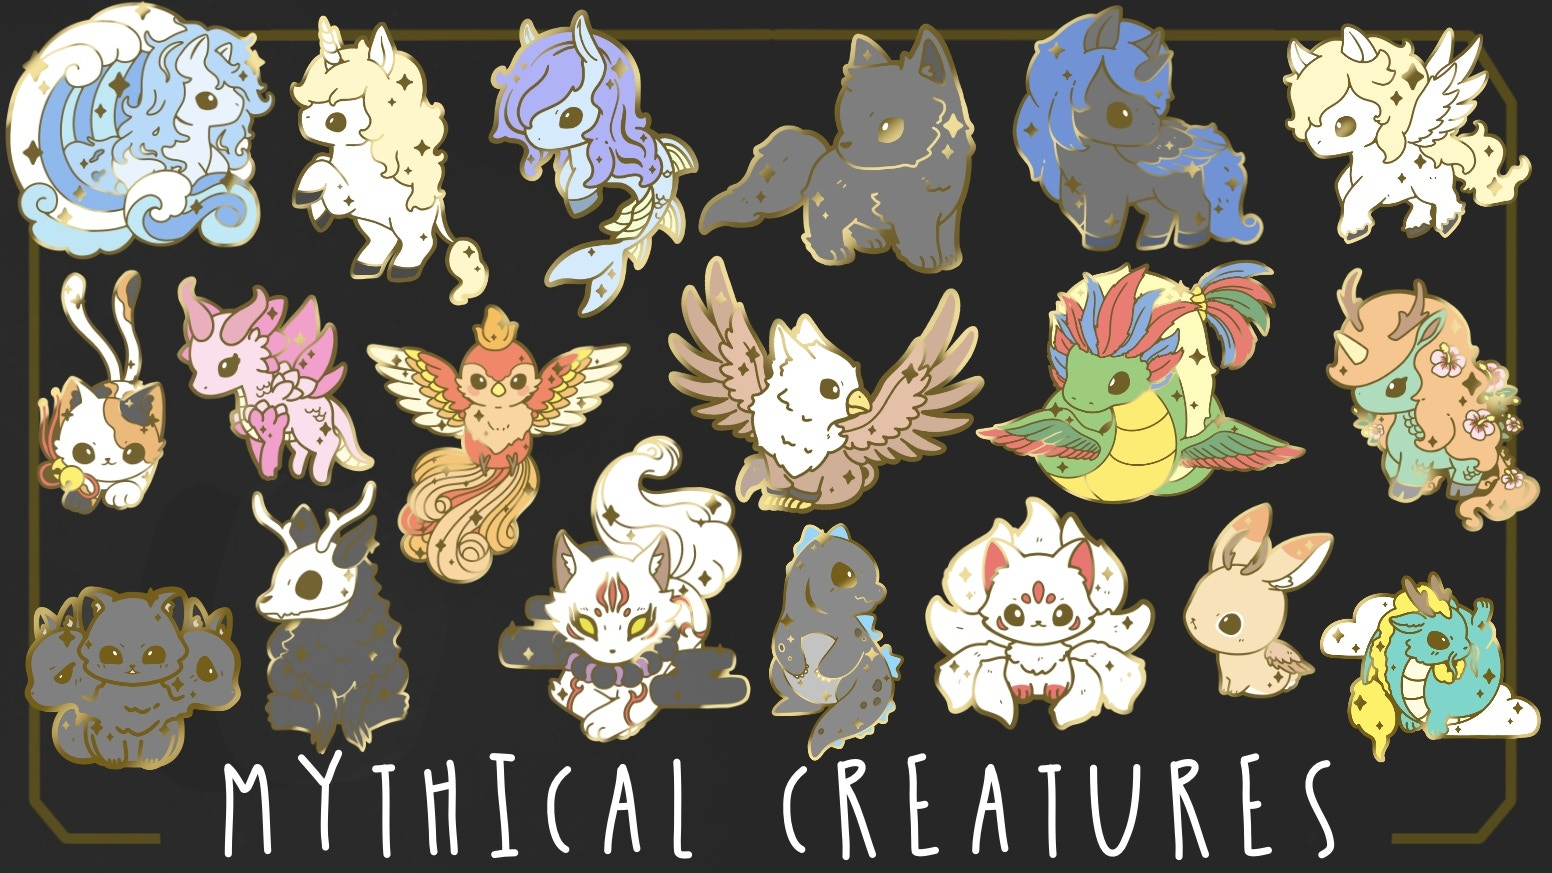 Cute Mythical or Mythology Creatures Hard Enamel Pins